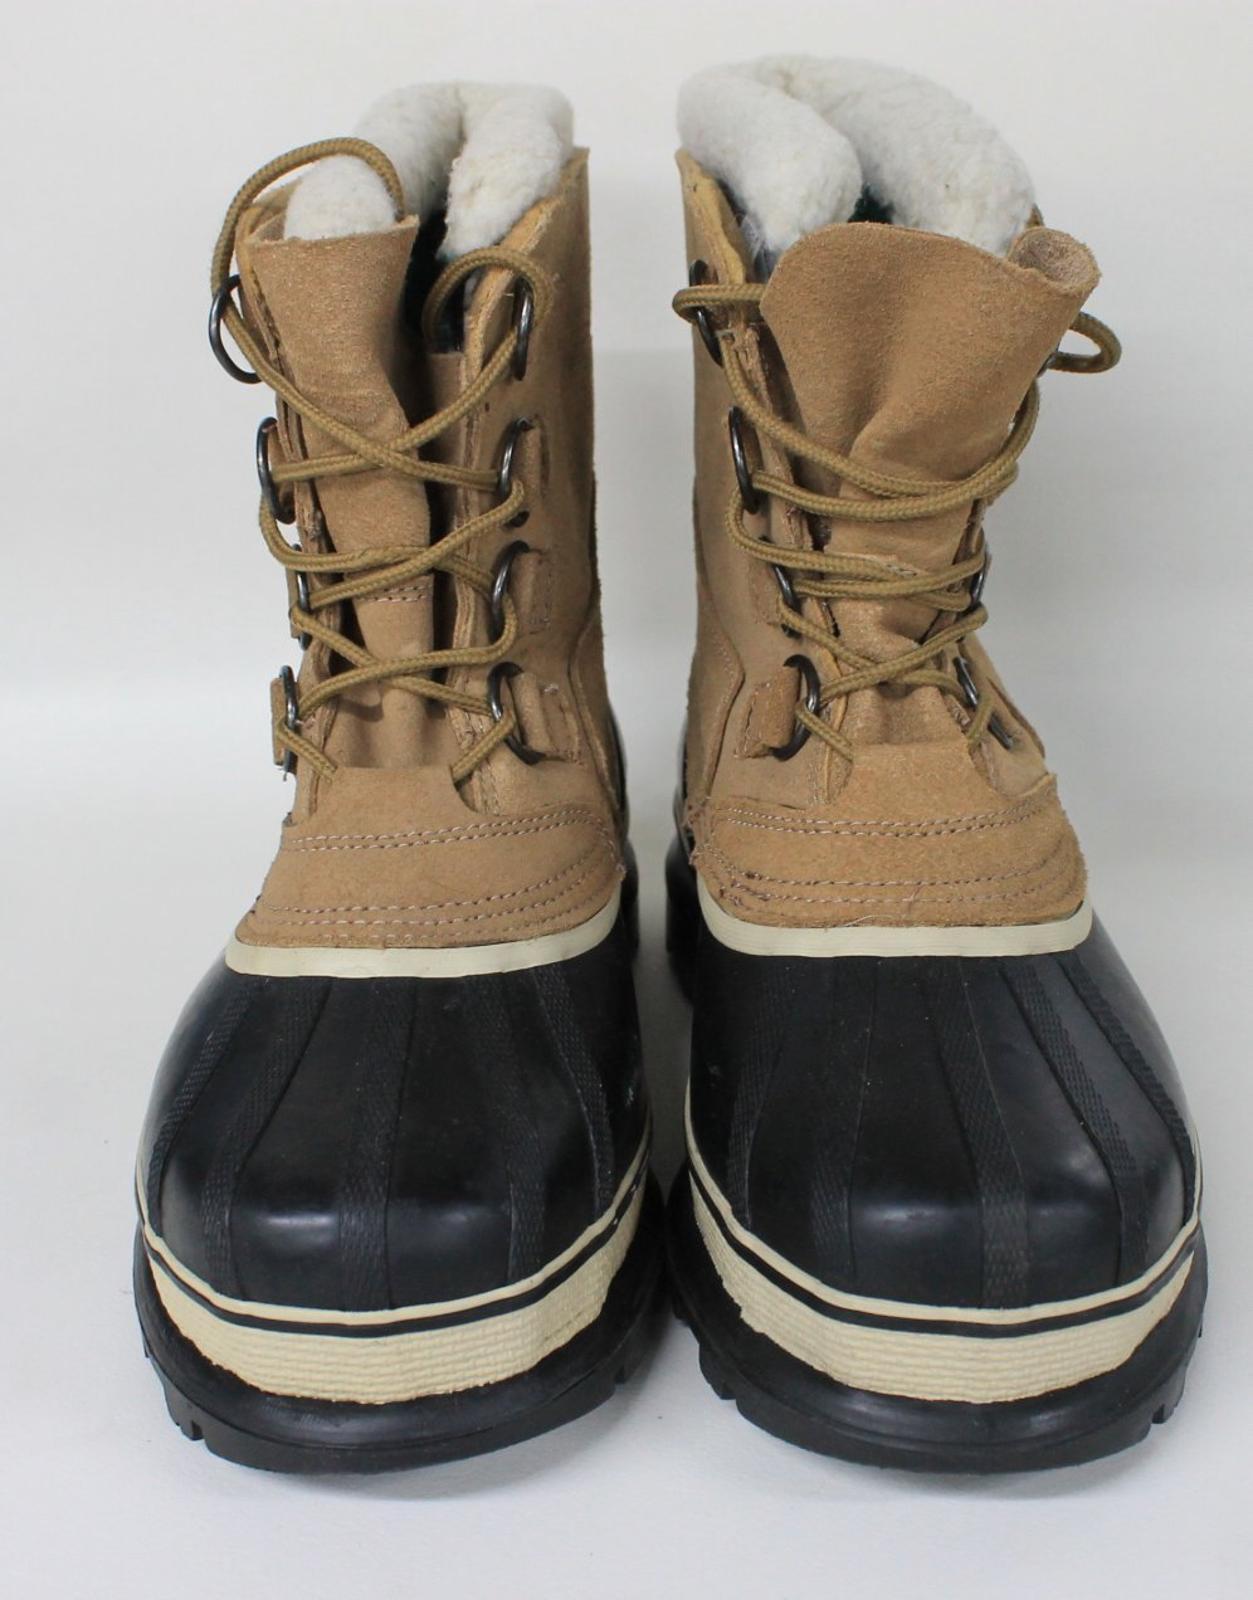 cuero de Outbrook nieve la hombre10 Botas caucho de para invierno impermeable en para forrado de hombre Brown para fieltro qOwzwE8